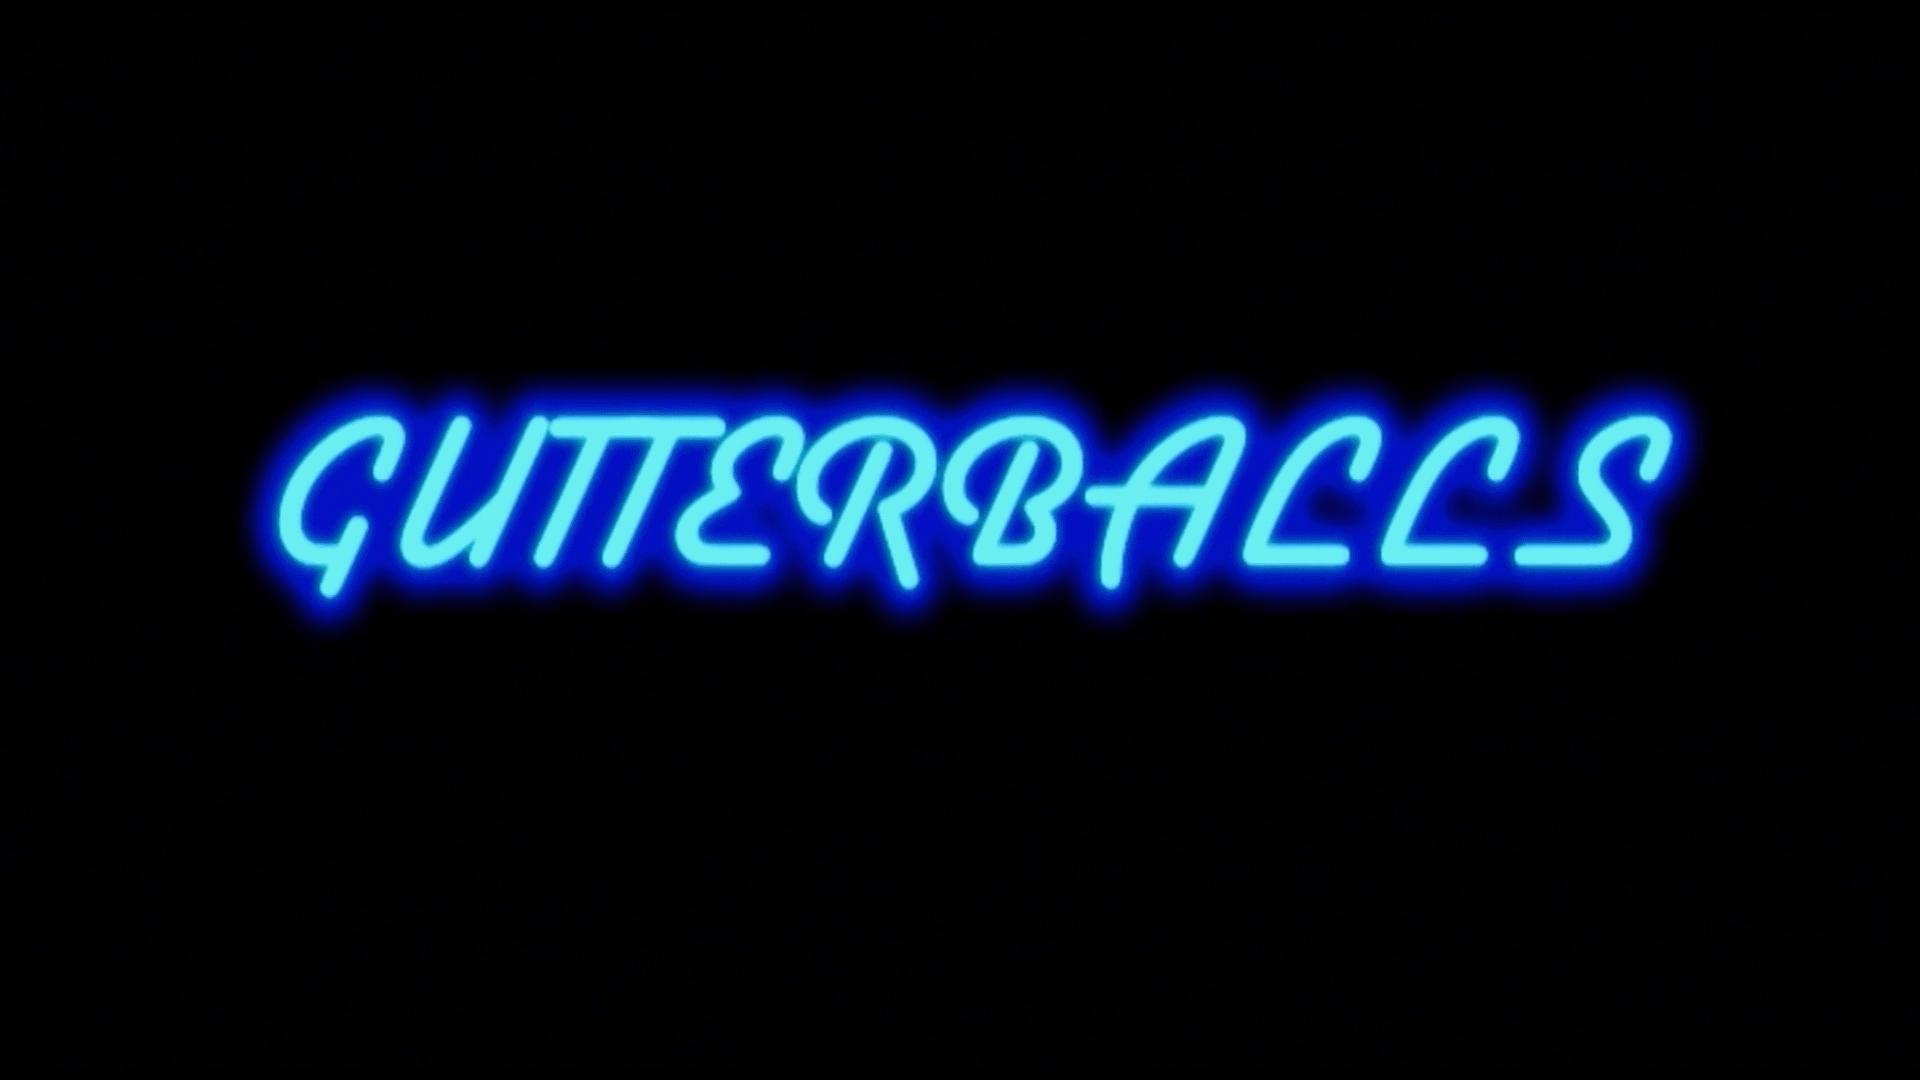 gutterballs title